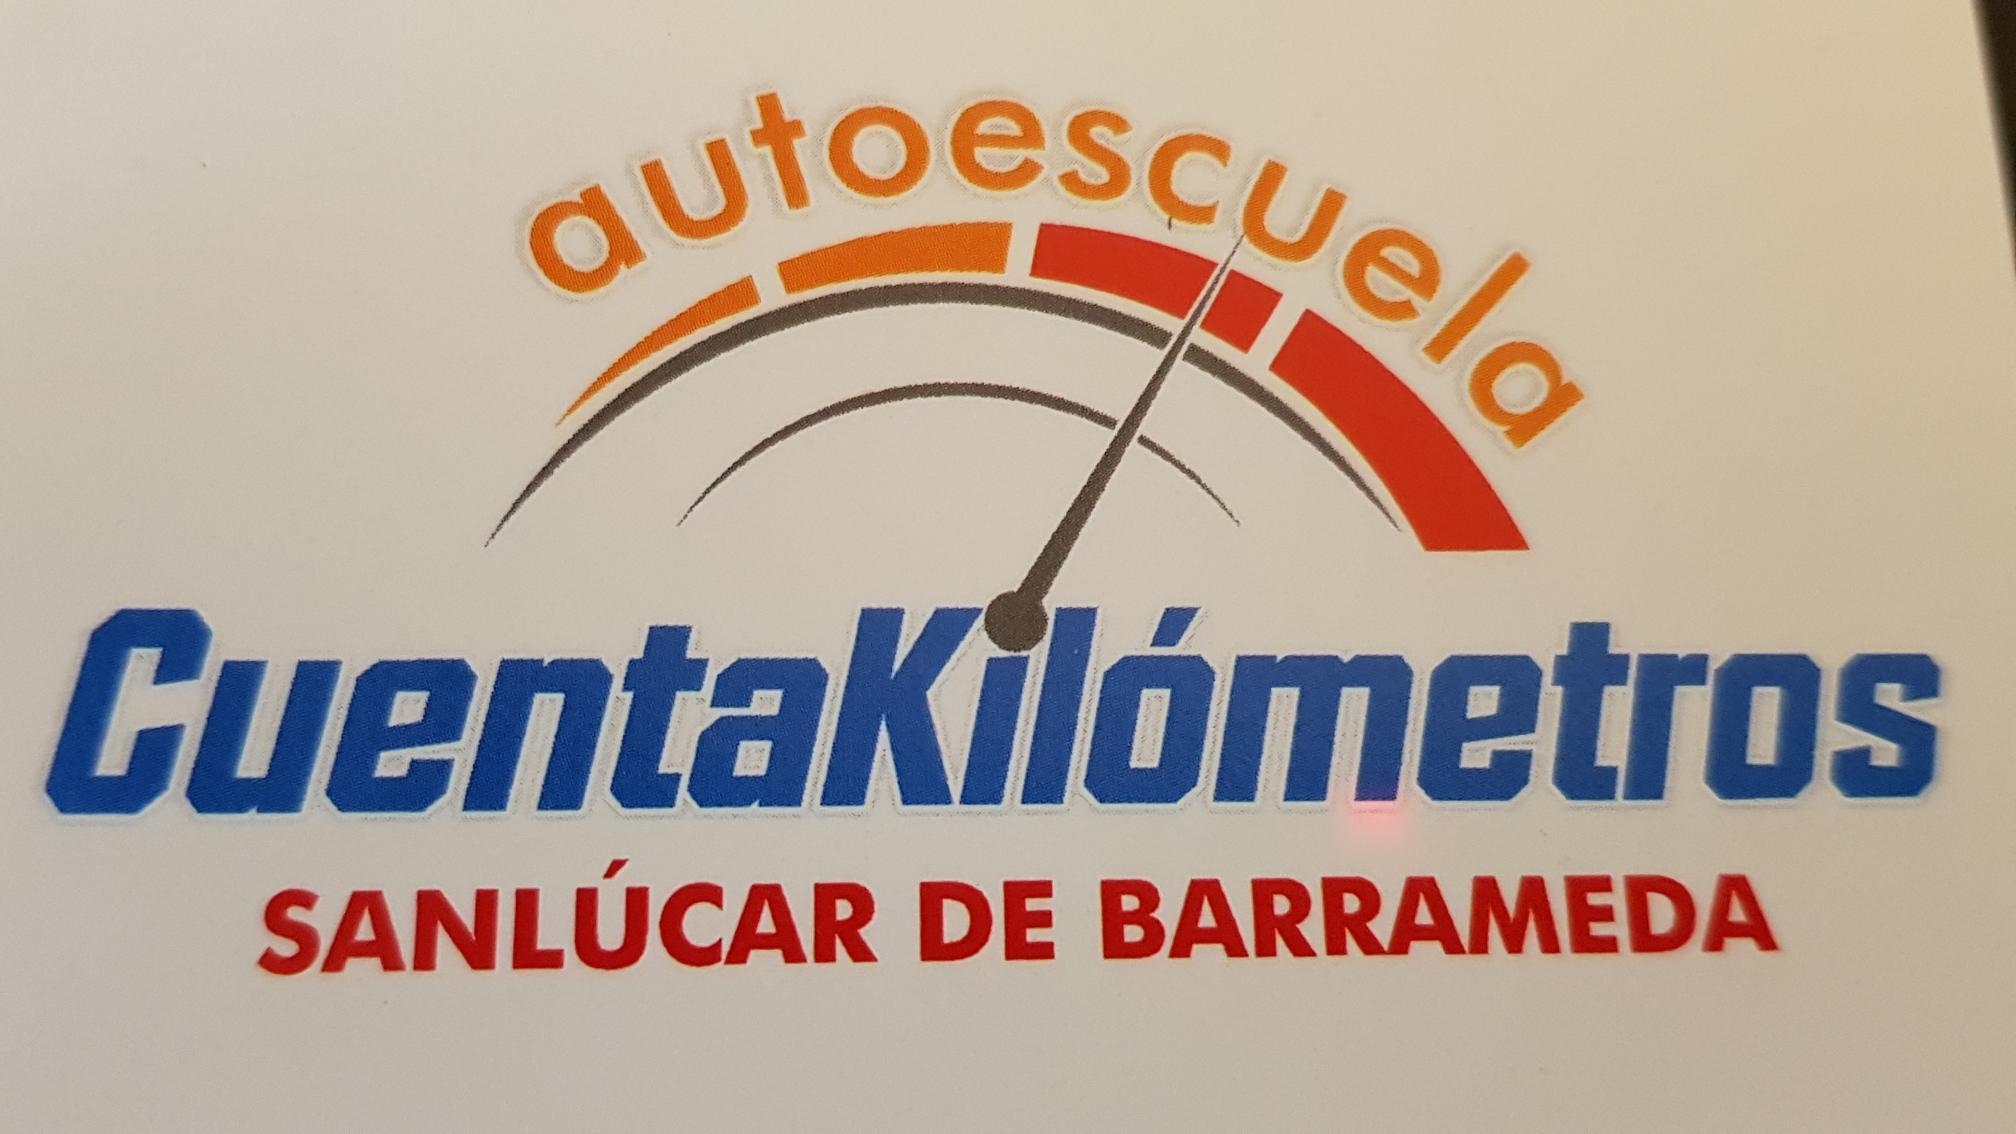 Autoescuela Cuentakilómetros Ángel Recio